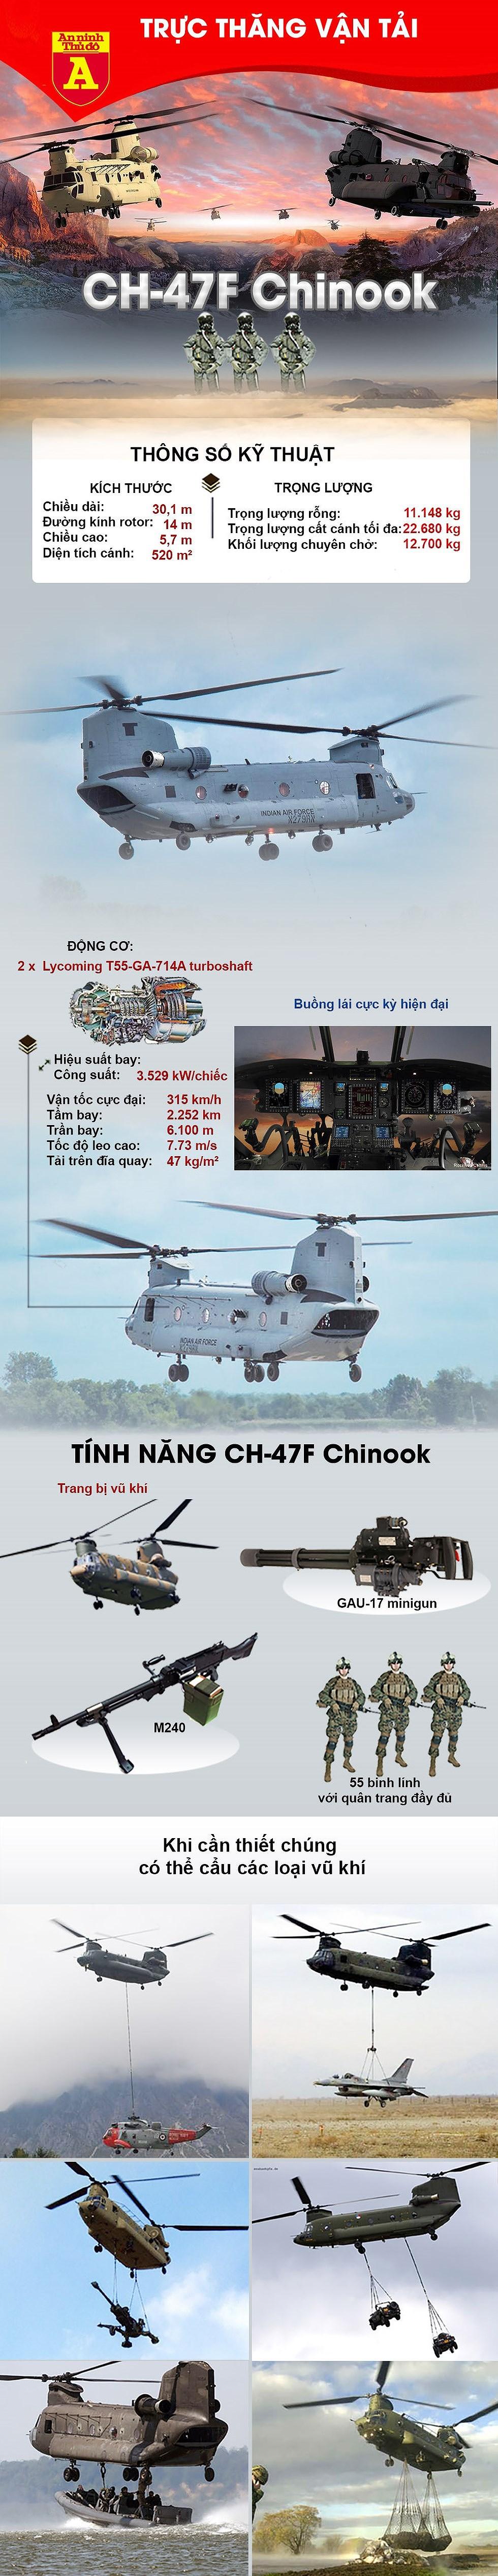 [Infographics] Trực thăng khổng lồ Mỹ vừa bị phá hủy tại Afghanistan - Ảnh 1